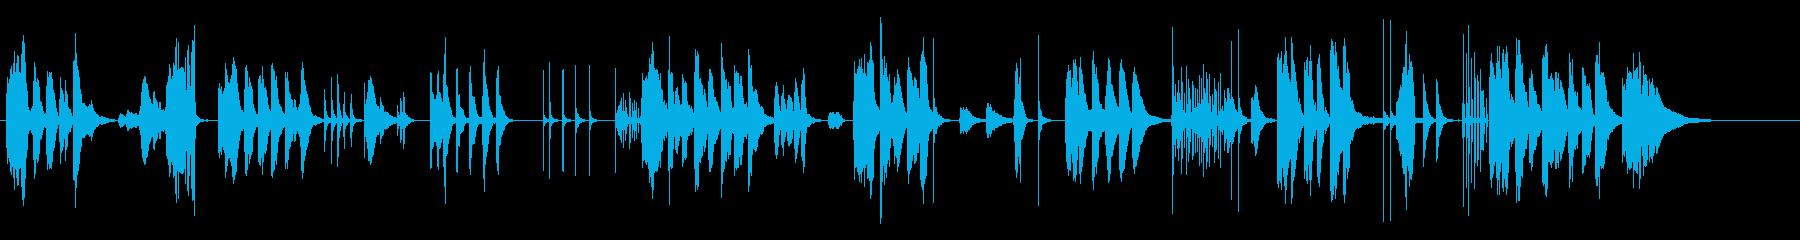 のんびりとした日常曲の再生済みの波形